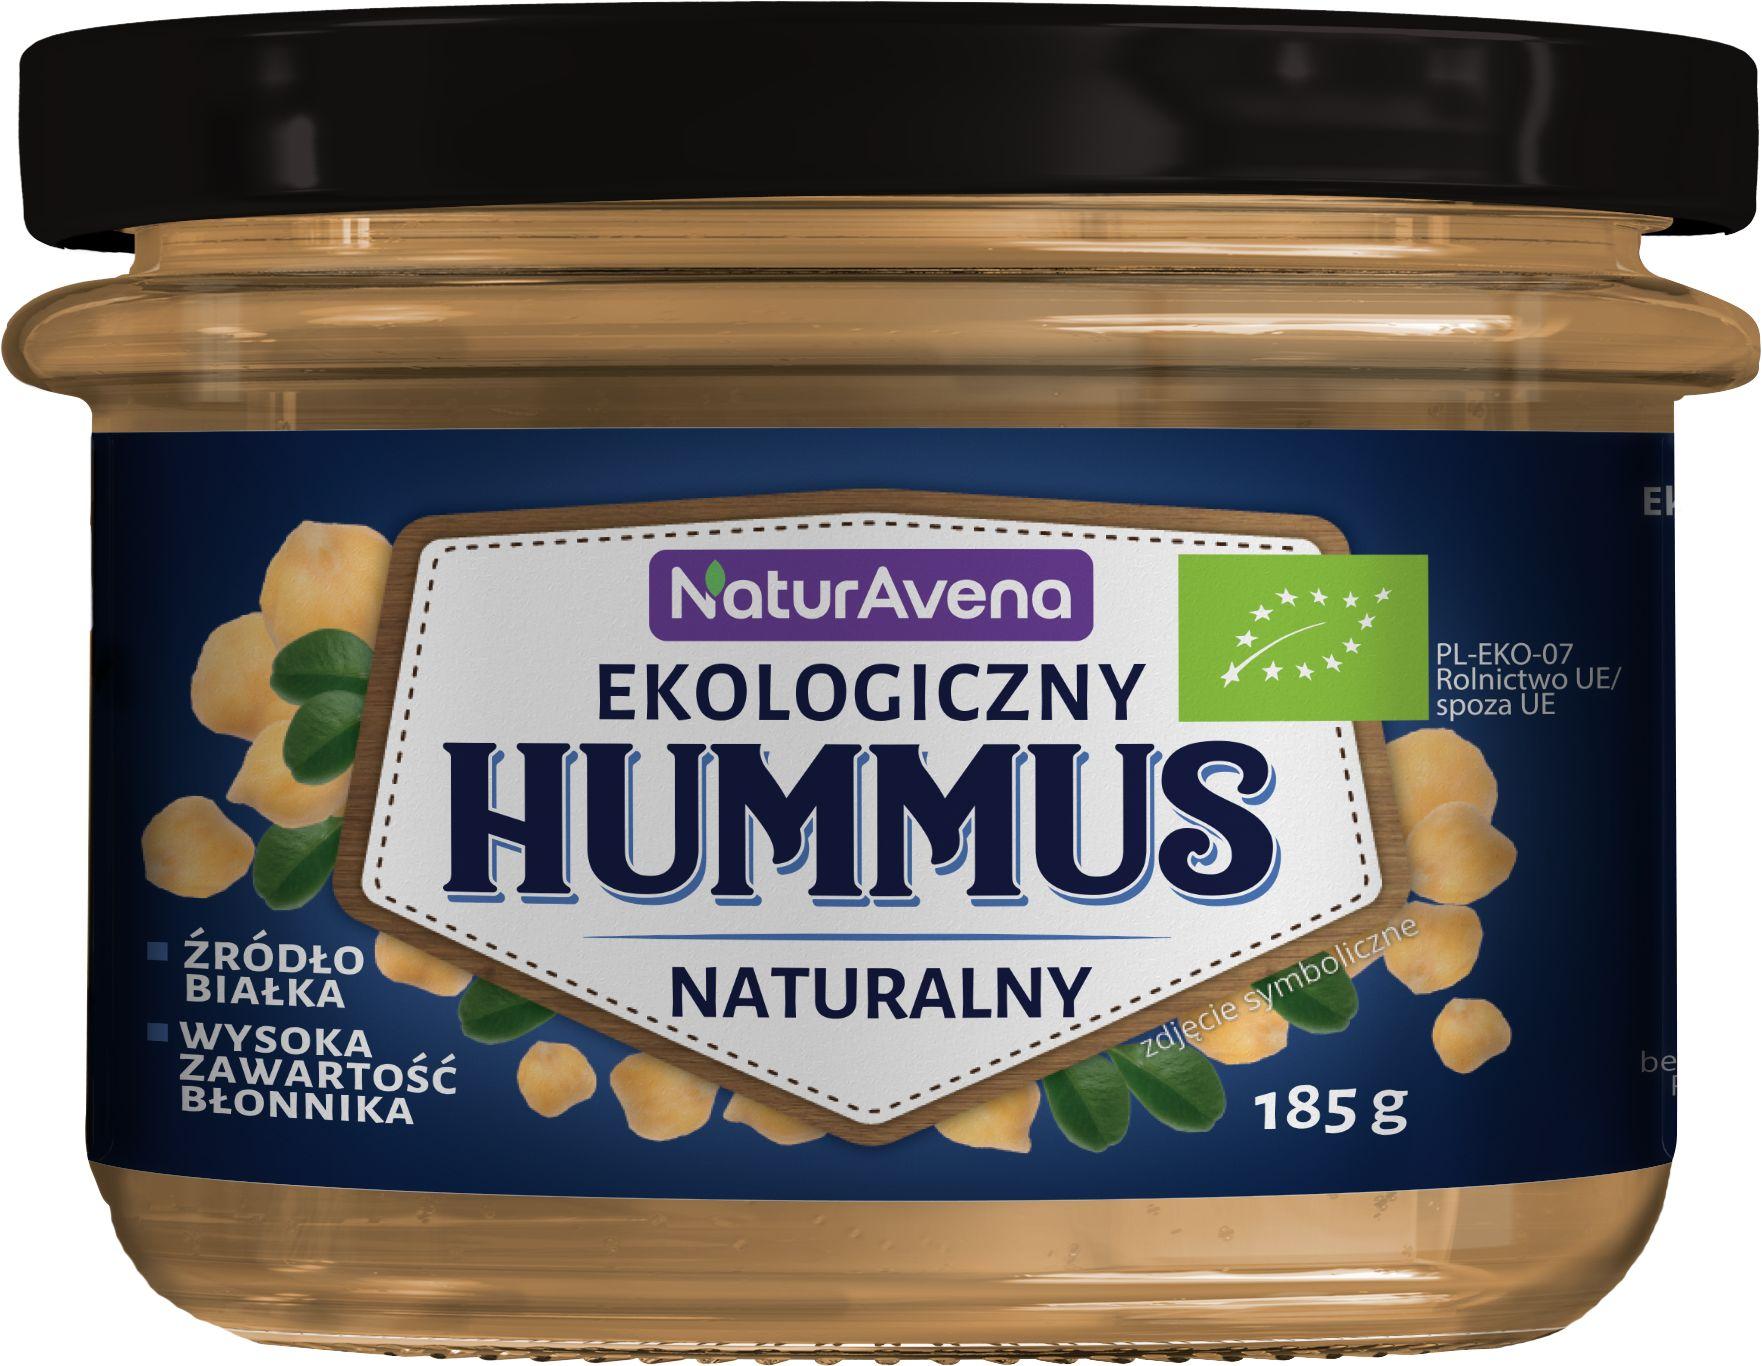 Hummus Naturalny BIO 185g - NaturAvena